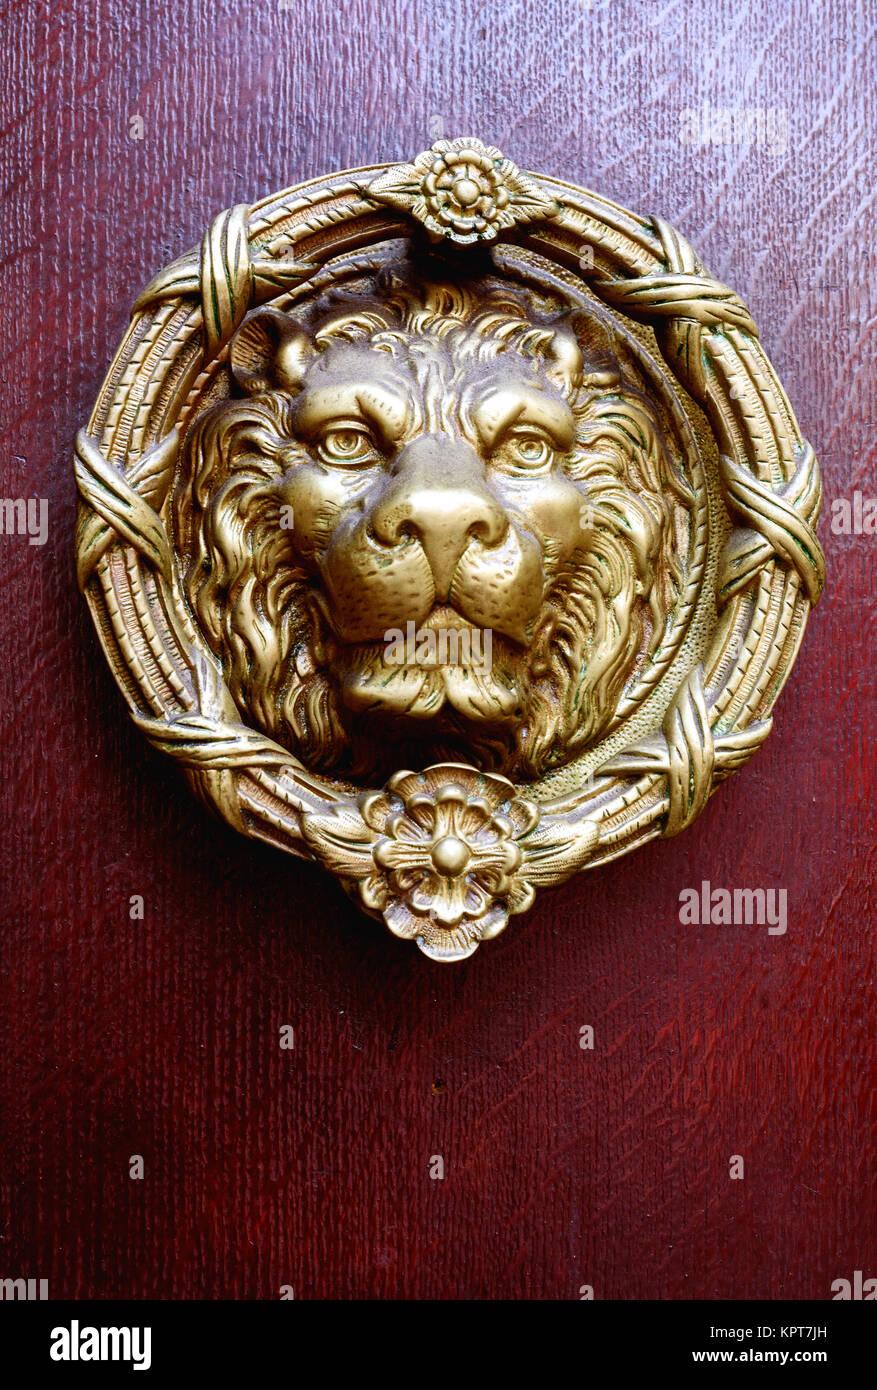 Single Golden Coloured Brass Lions Head Door Knocker And Vintage Antique  Wooden Door In Dark Burgundy Red